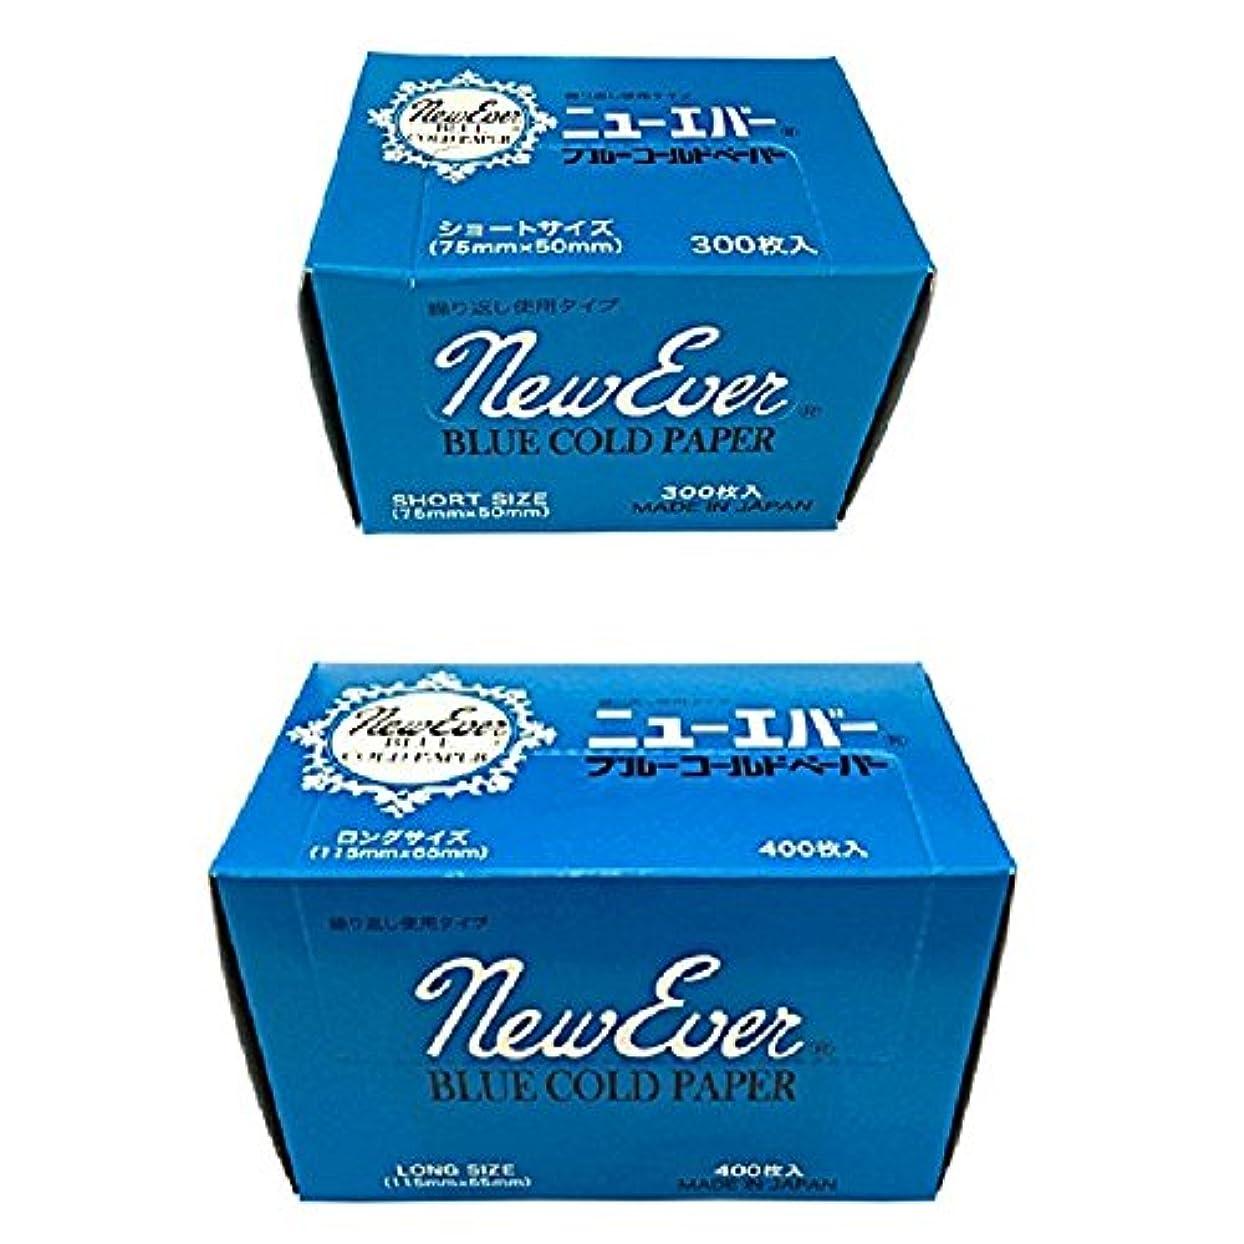 入浴セクタ木【セット】 エバーメイト ニューエバー ブルーペーパー S スモールサイズ 300枚入り & L ロングサイズ 400枚入